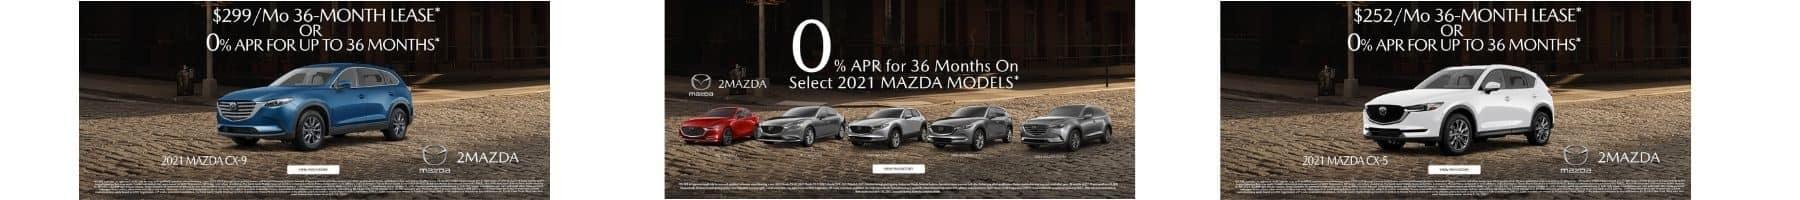 VRP Slider 1_September 2021_2Mazda_Mazda Offers and Lease Specials